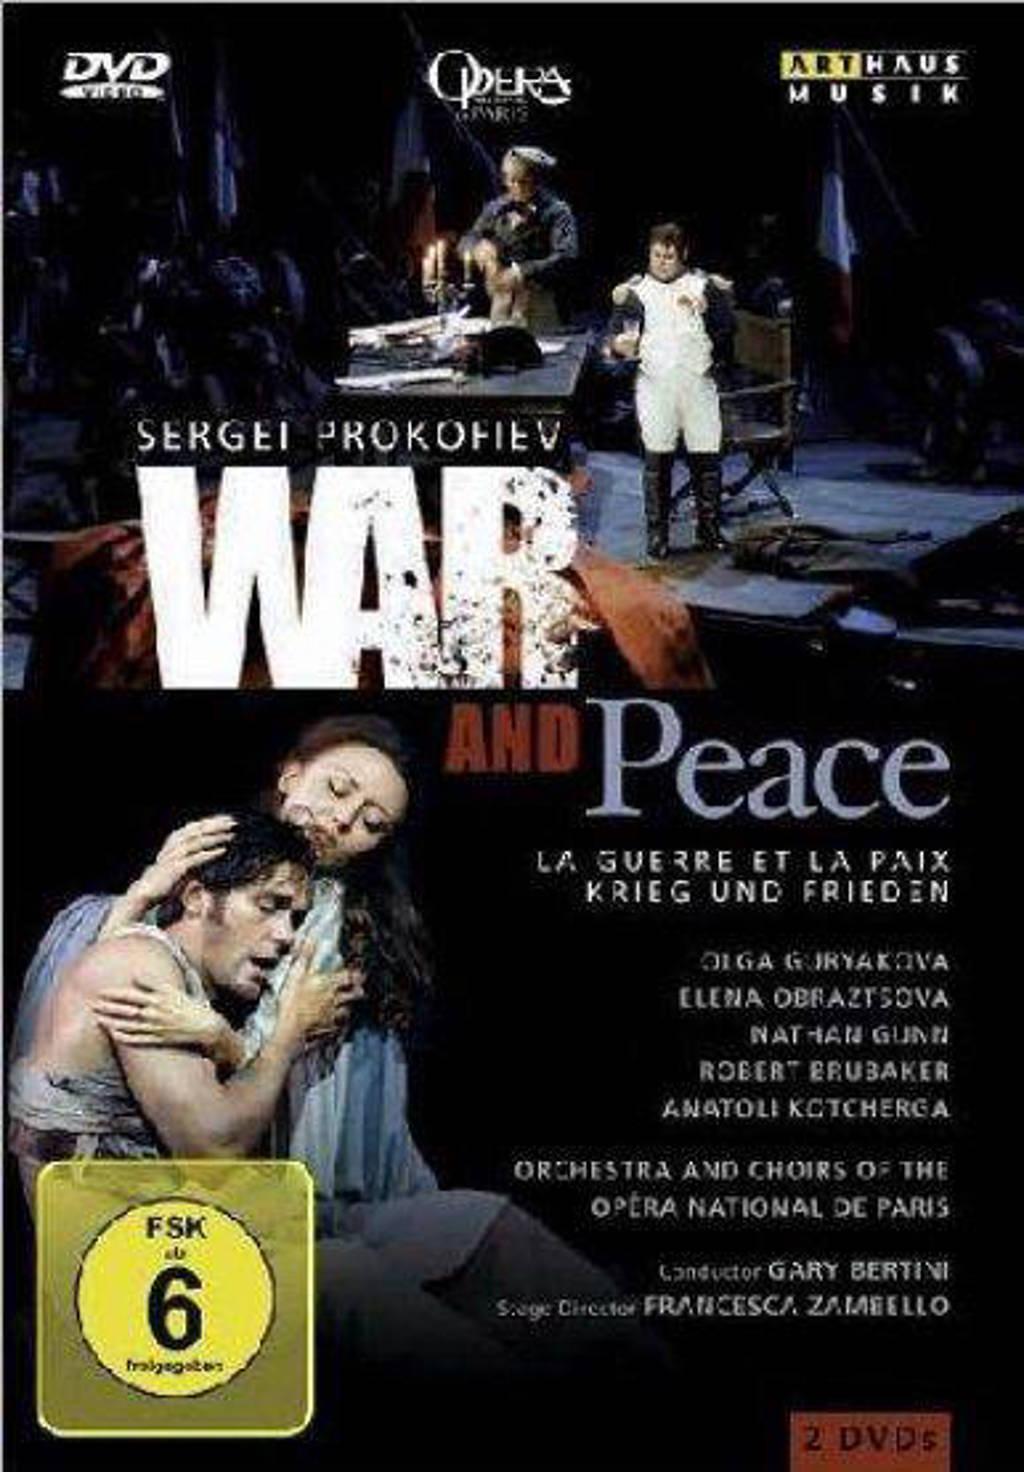 War And Peace Parijs 2000 (DVD)